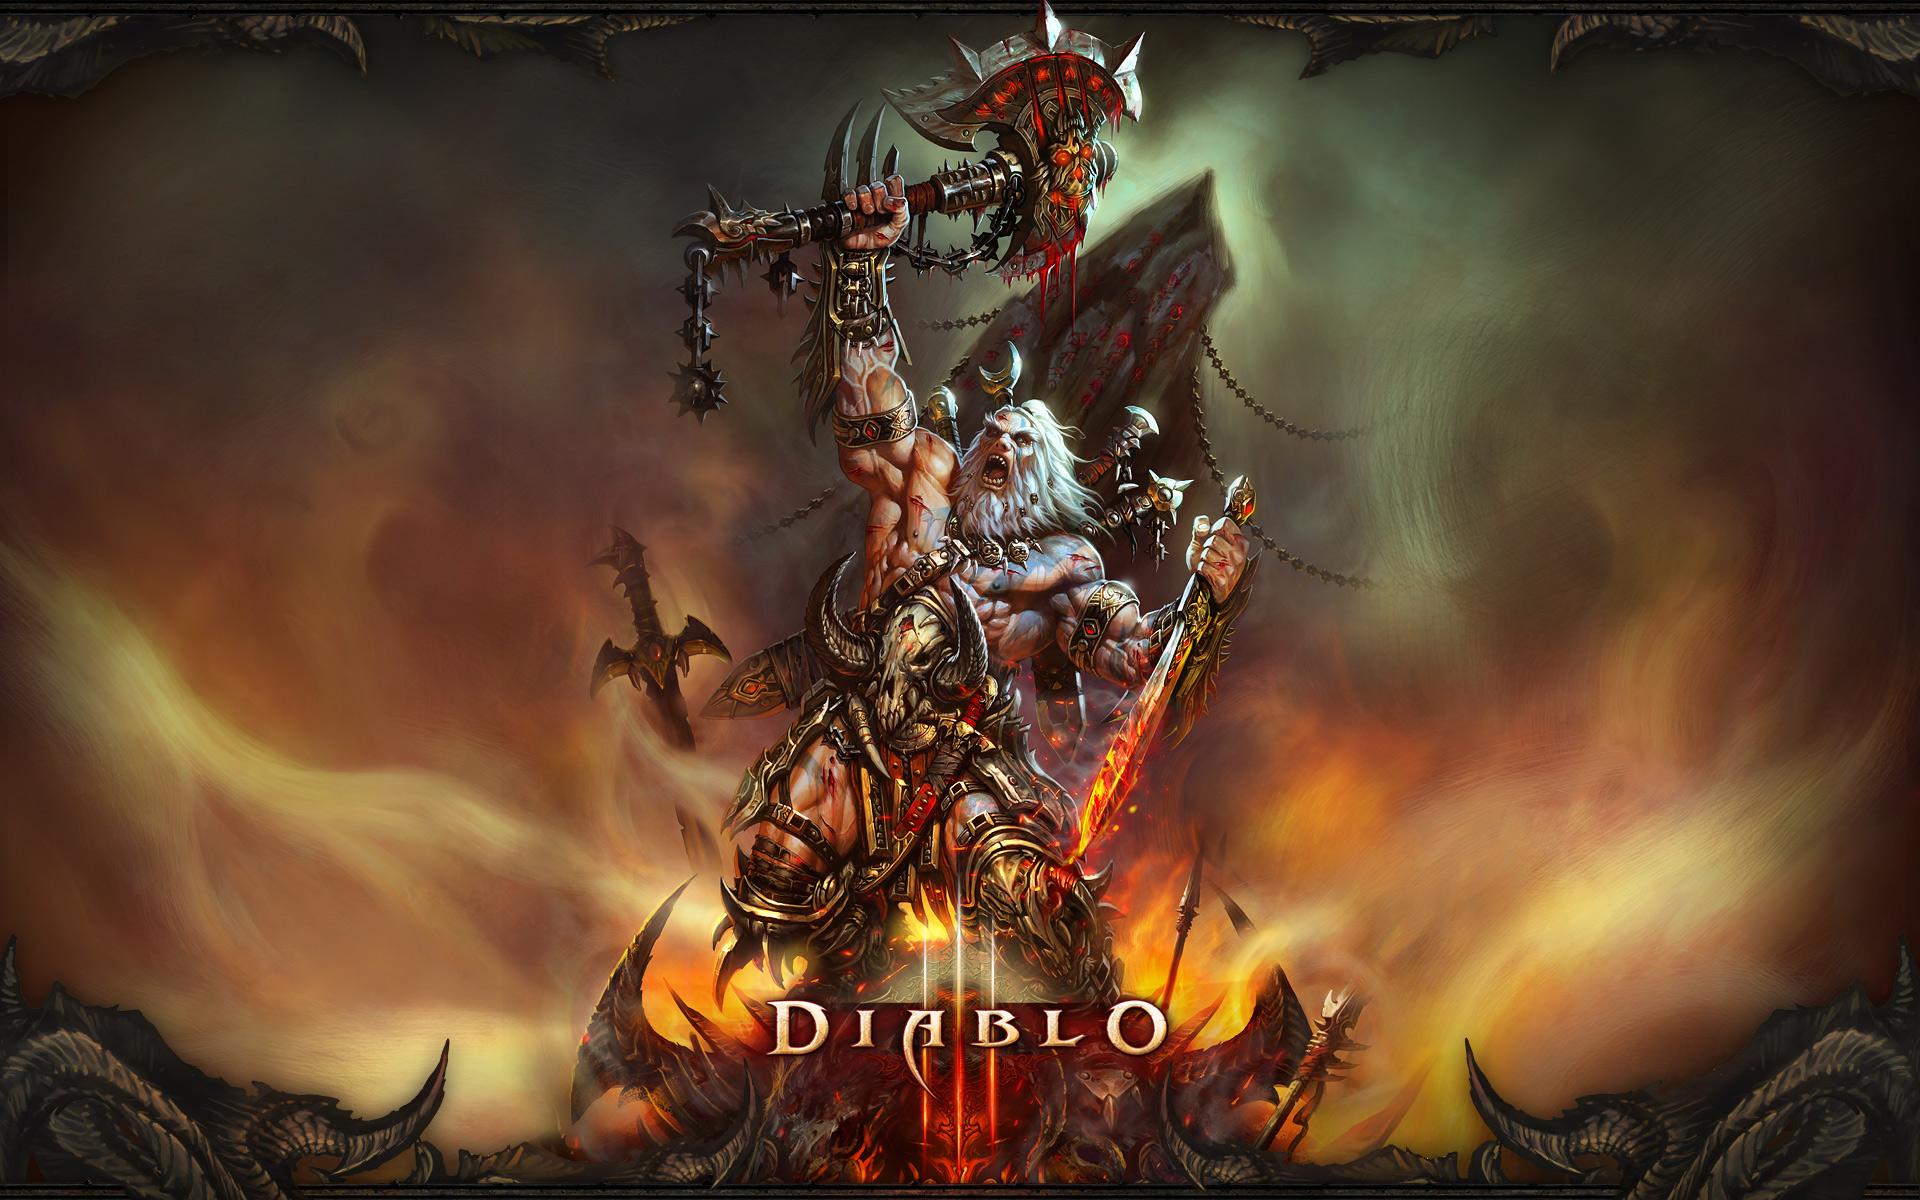 Wallpapers   Media   Diablo III 1920x1200